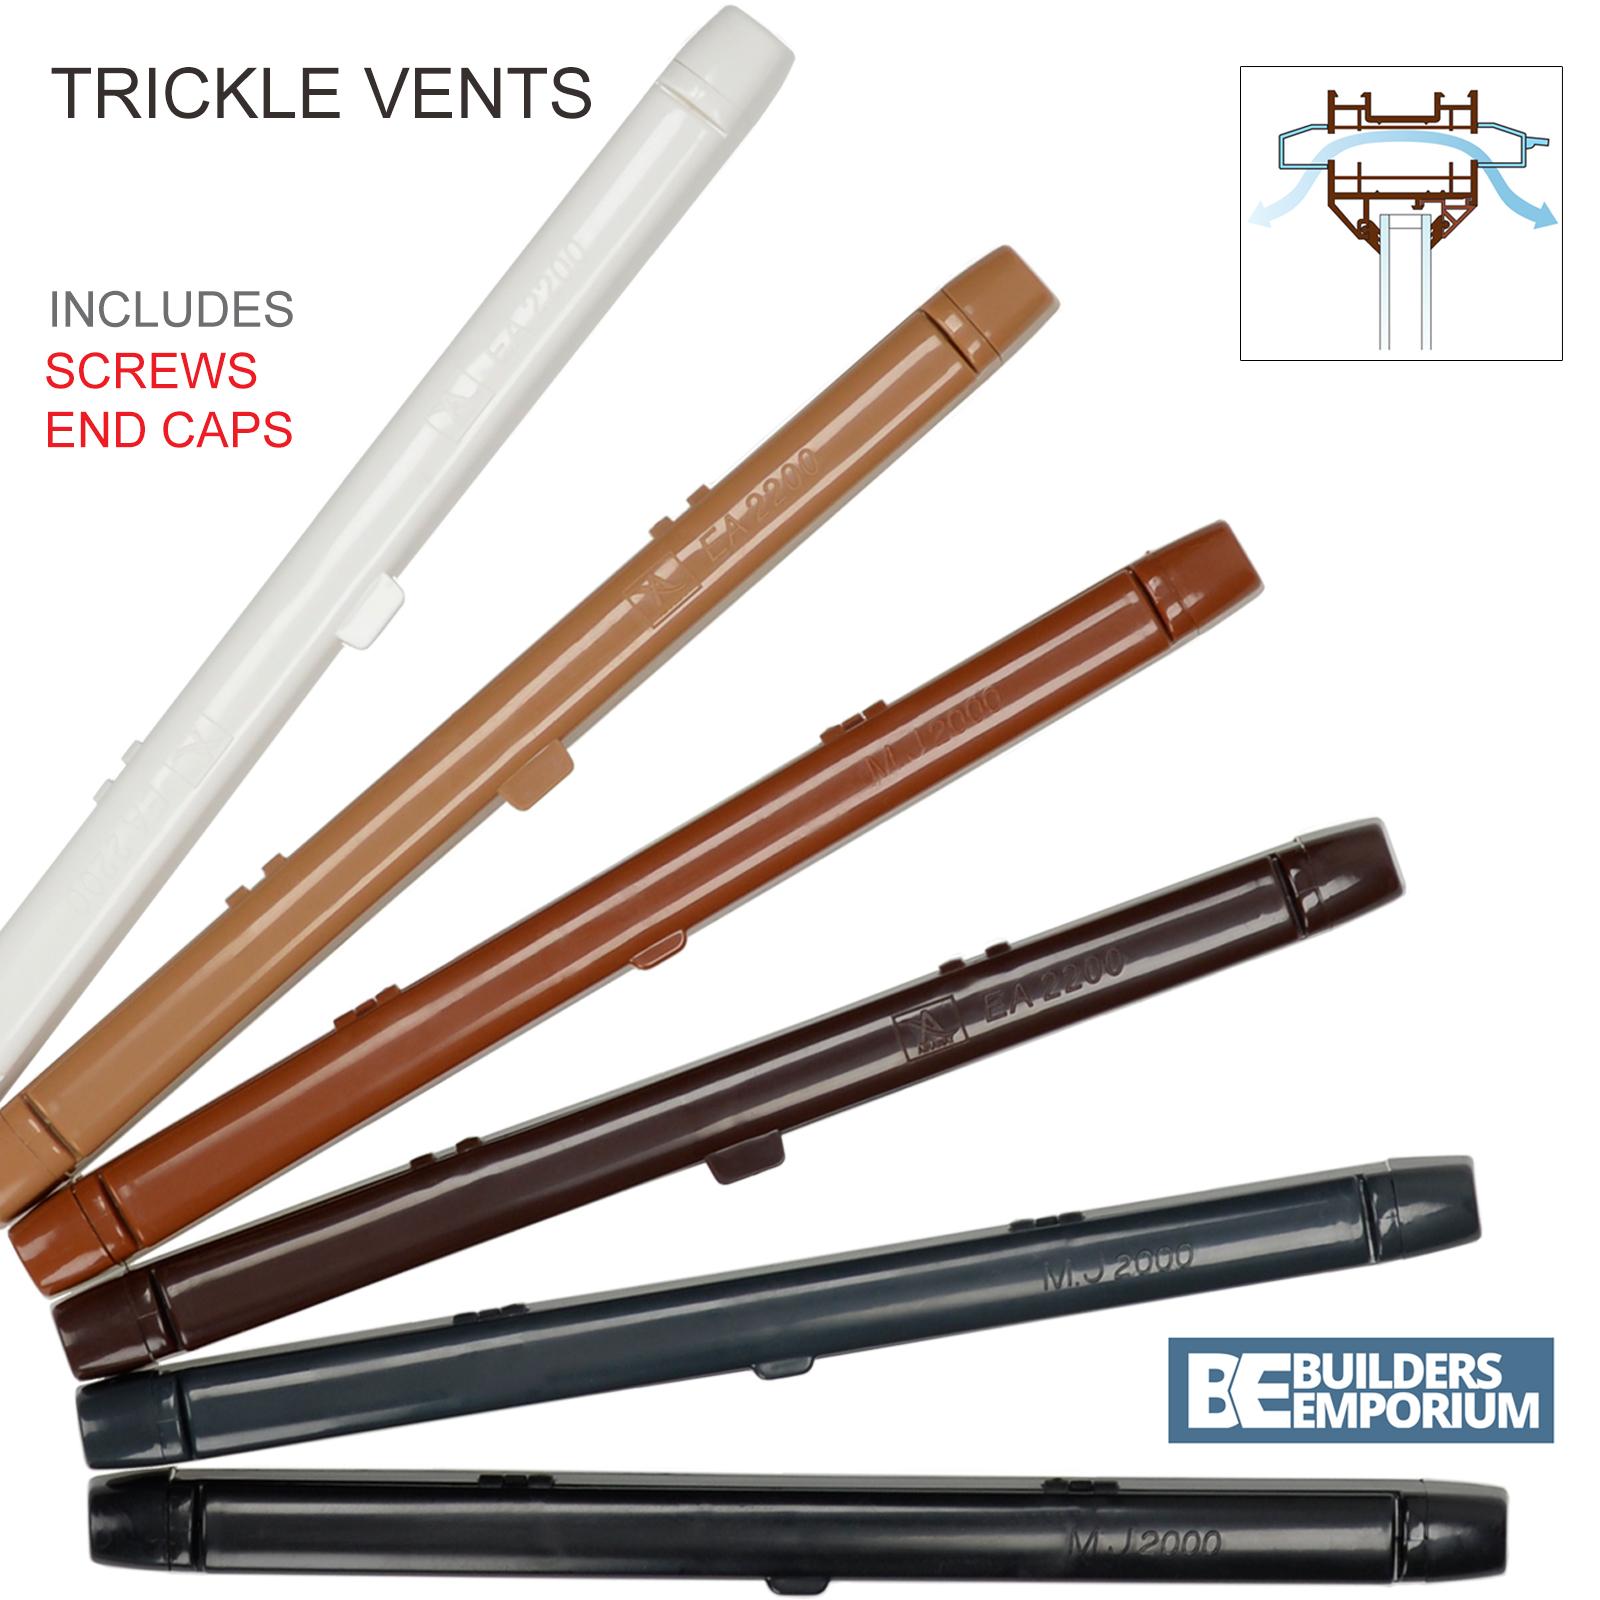 Trickle Fente Vents 260 mm ou 410 mm ventilation uPVC /& Bois Fenêtre